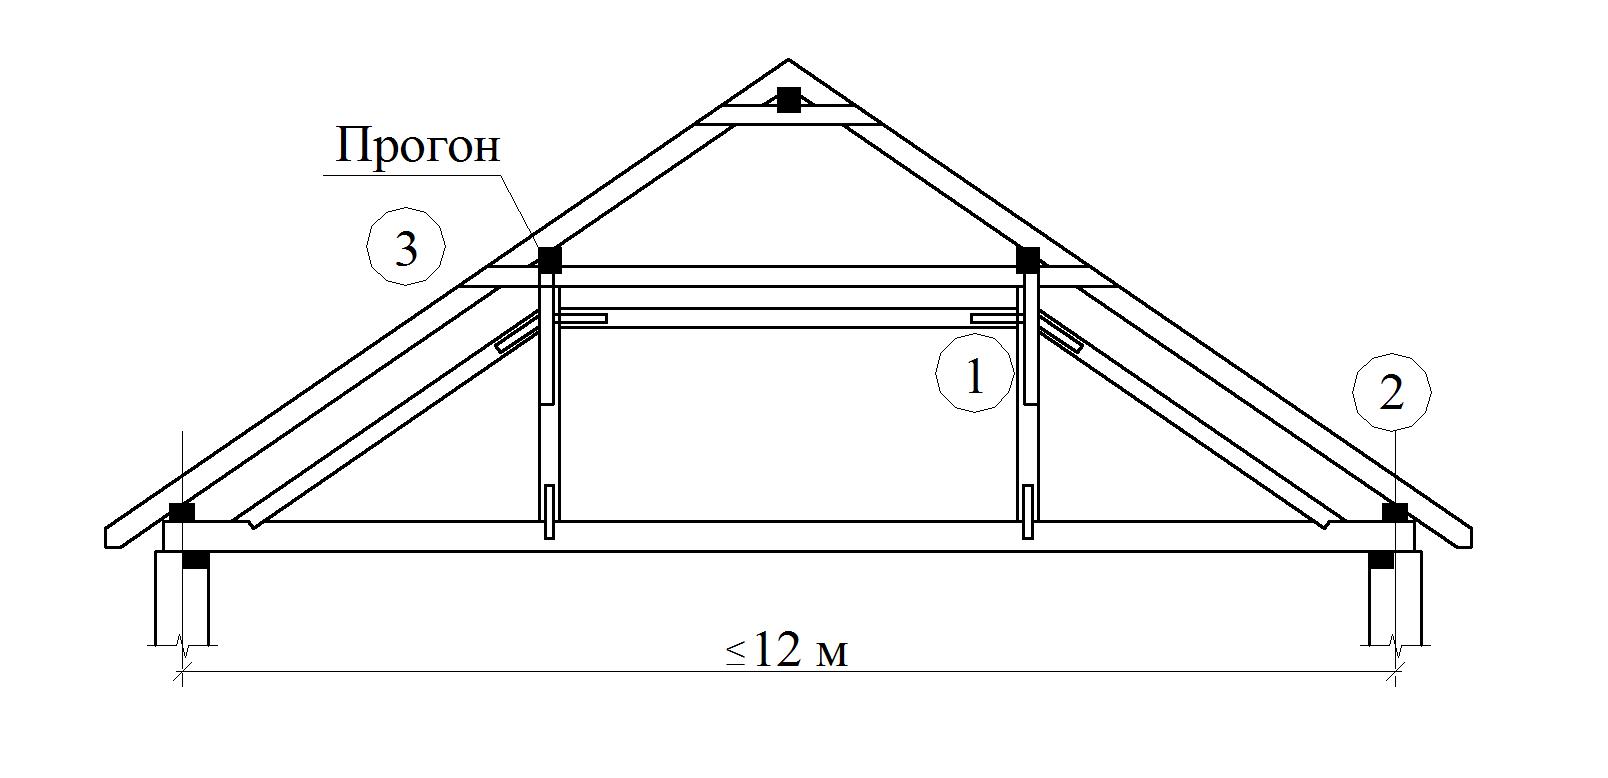 Стропильная система двухскатной крыши своими руками – инструкция по устройству